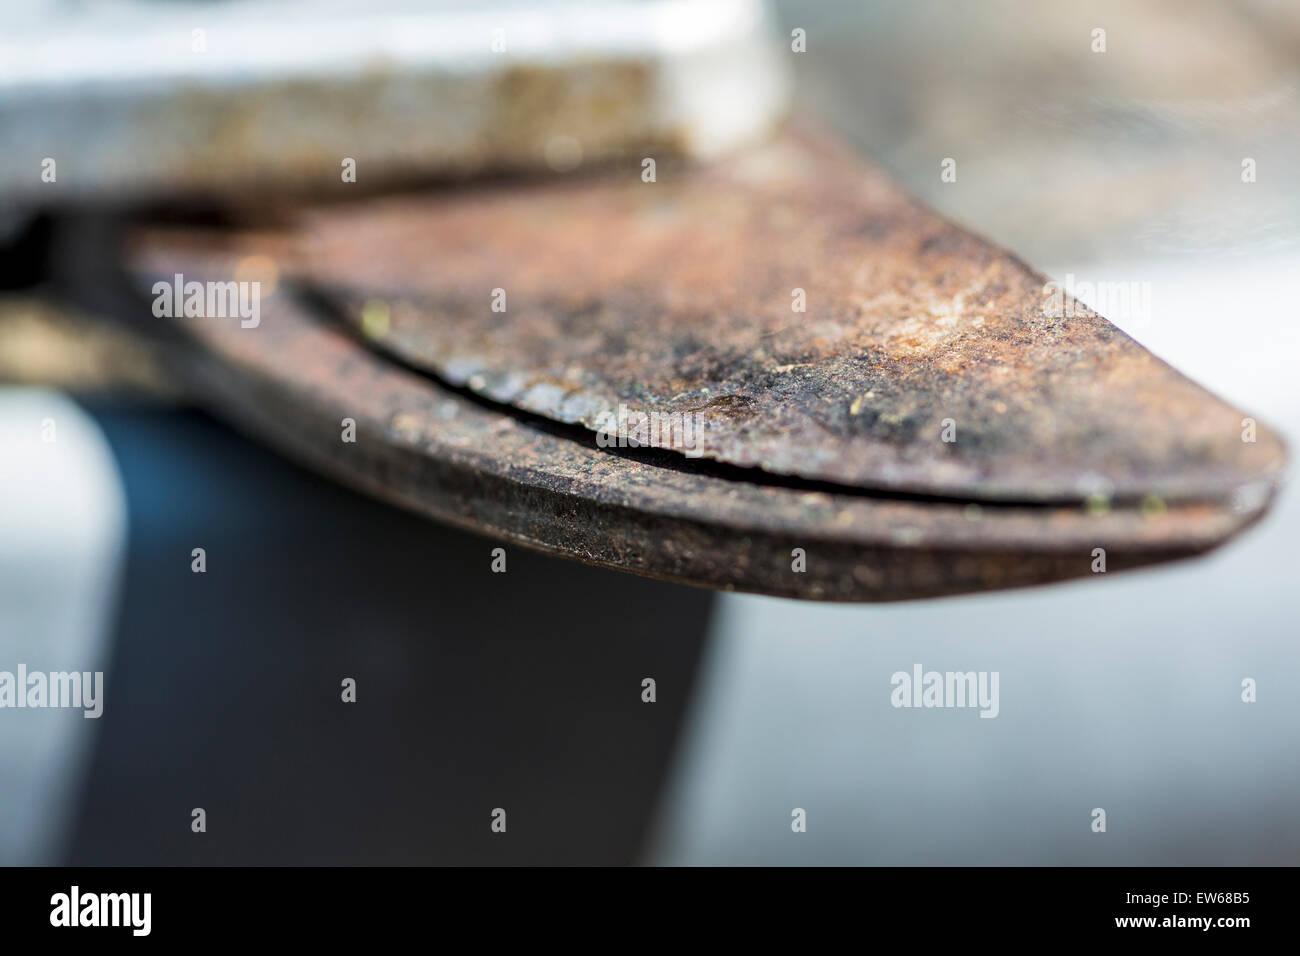 Les Lames d'un sécateur en acier rouillé Photo Stock